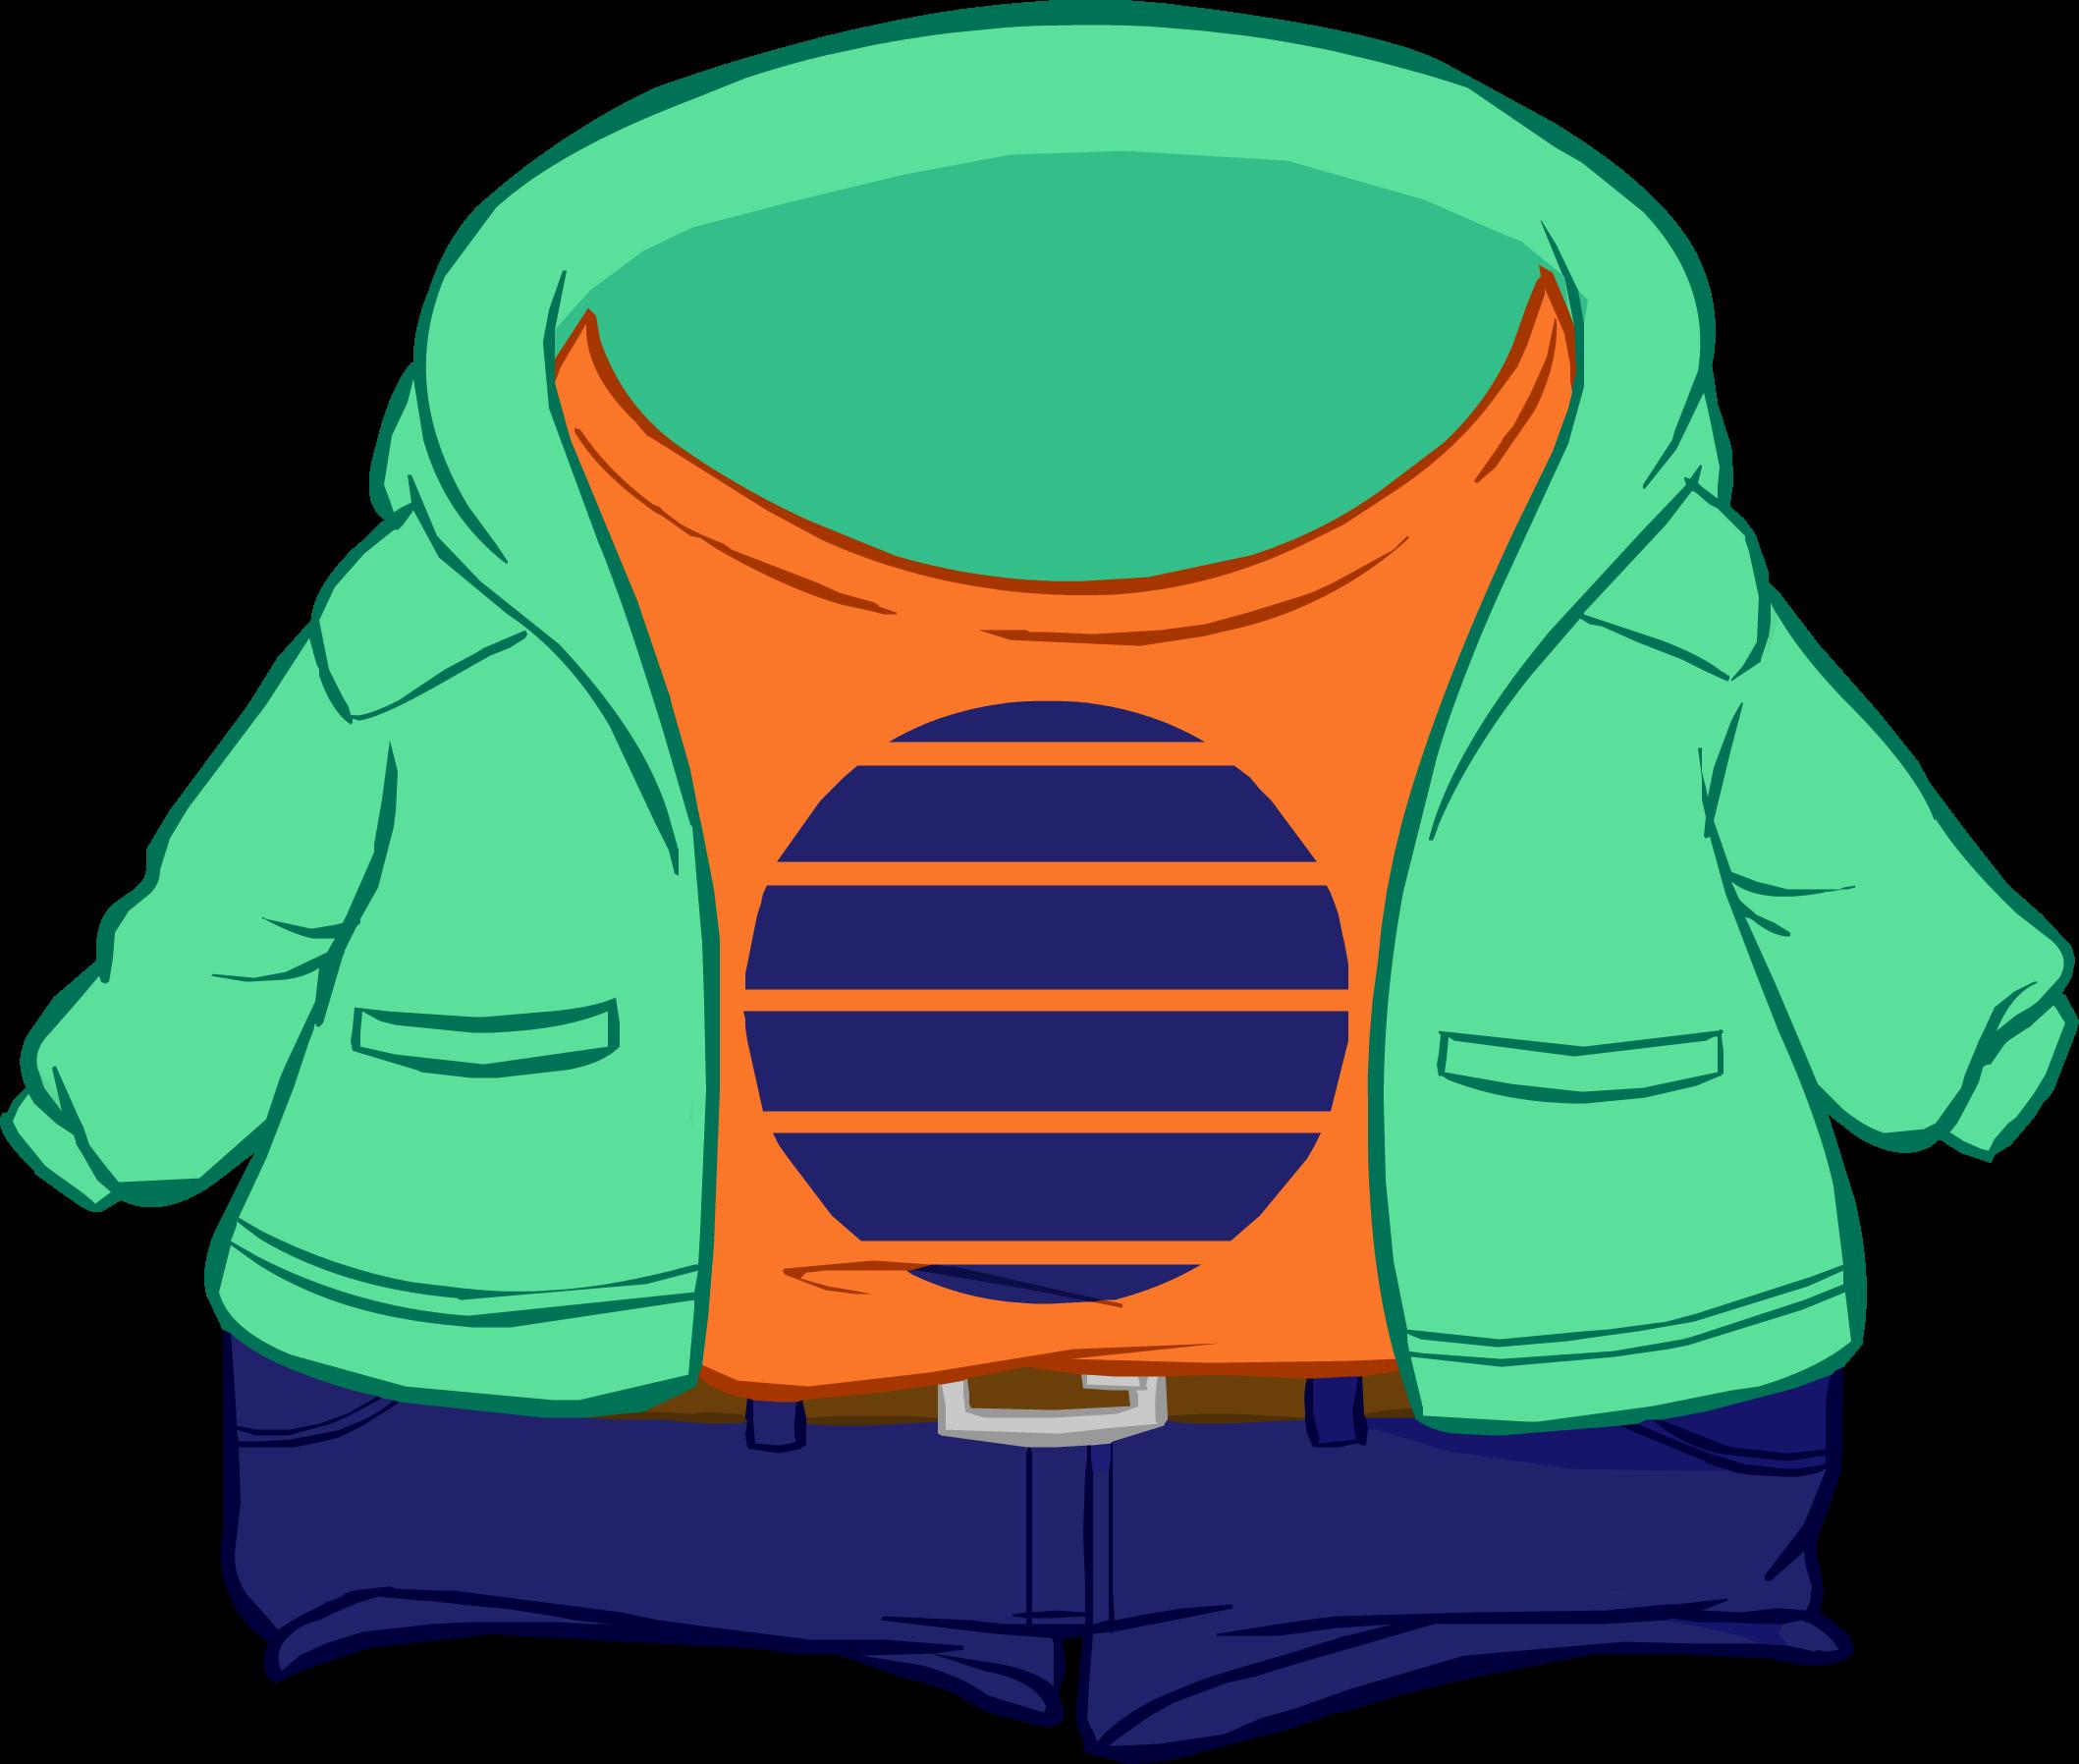 Antarctic Sun Outfit